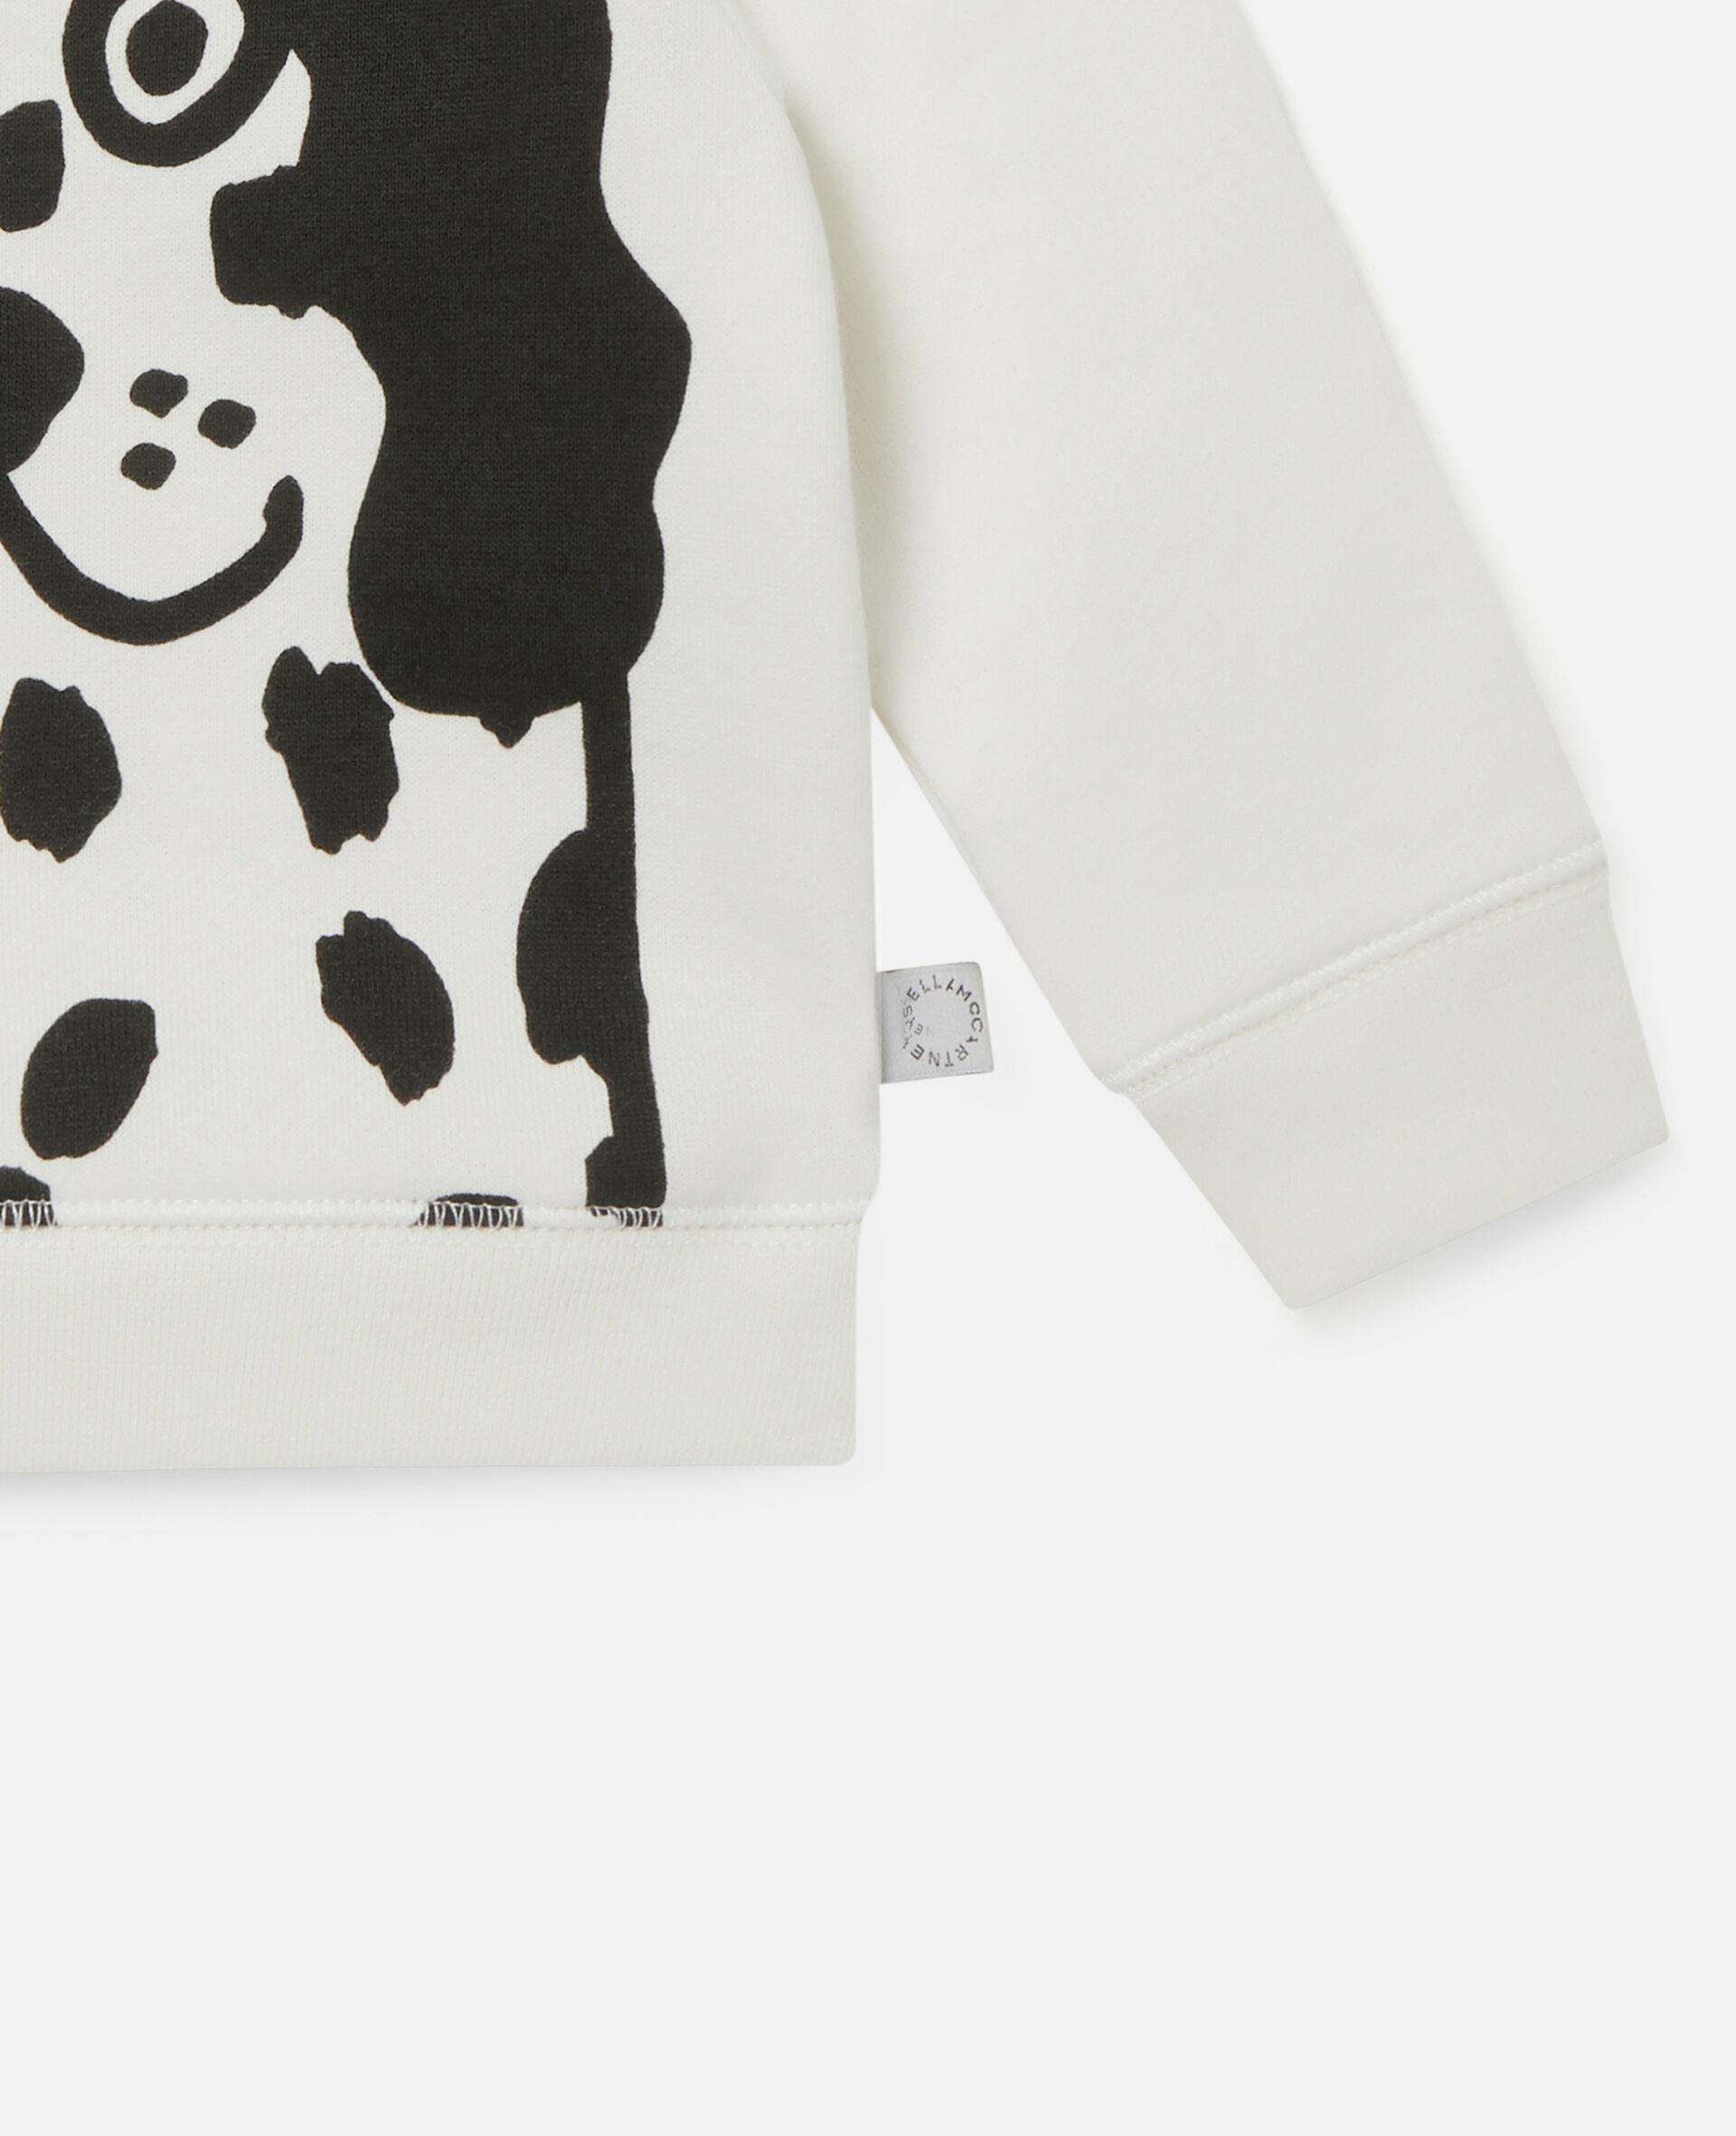 Kapuzenpullover aus Fleece mit Dalmatinerflecken-Weiß-large image number 2